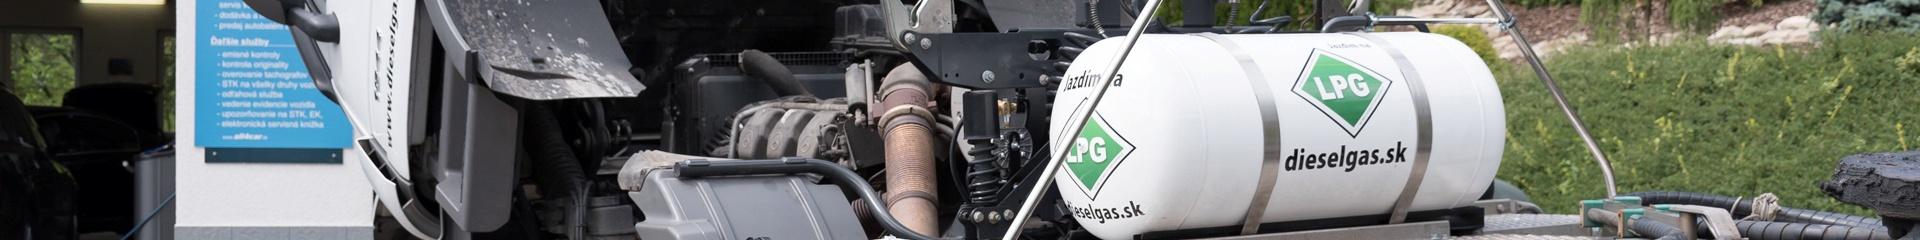 Montáž LPG do dieselových motorov